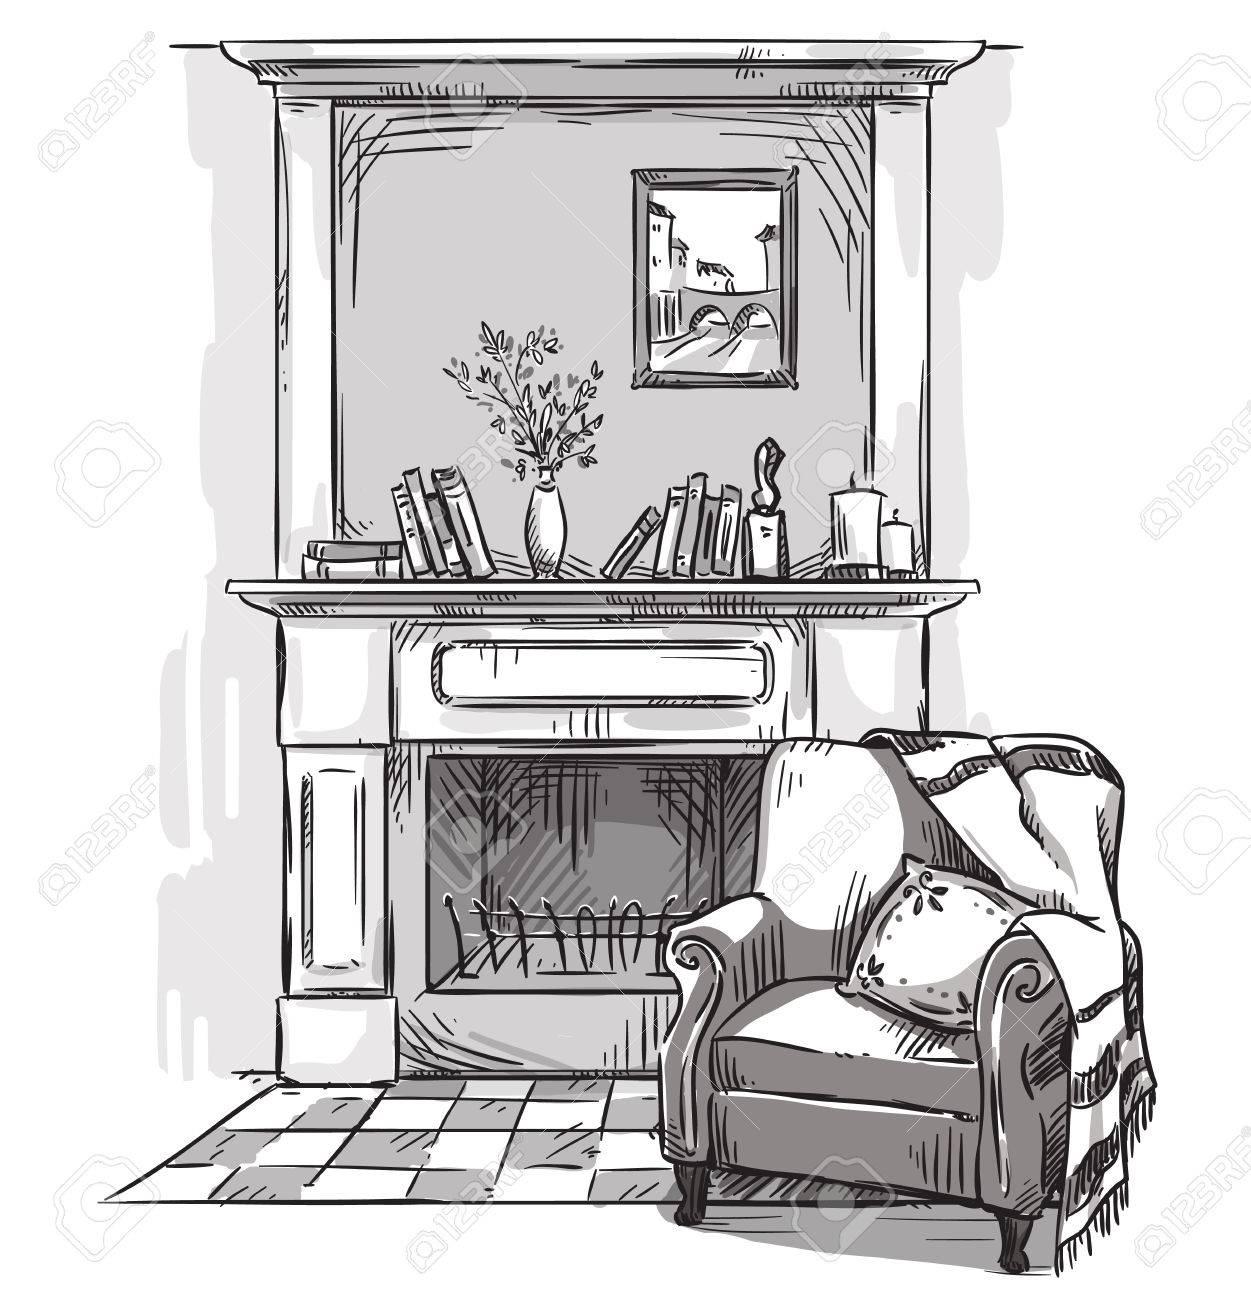 Sessel gezeichnet  Hand Gezeichnet Kamin Und Einen Sessel. Ein Gemütlicher Ort Zu ...